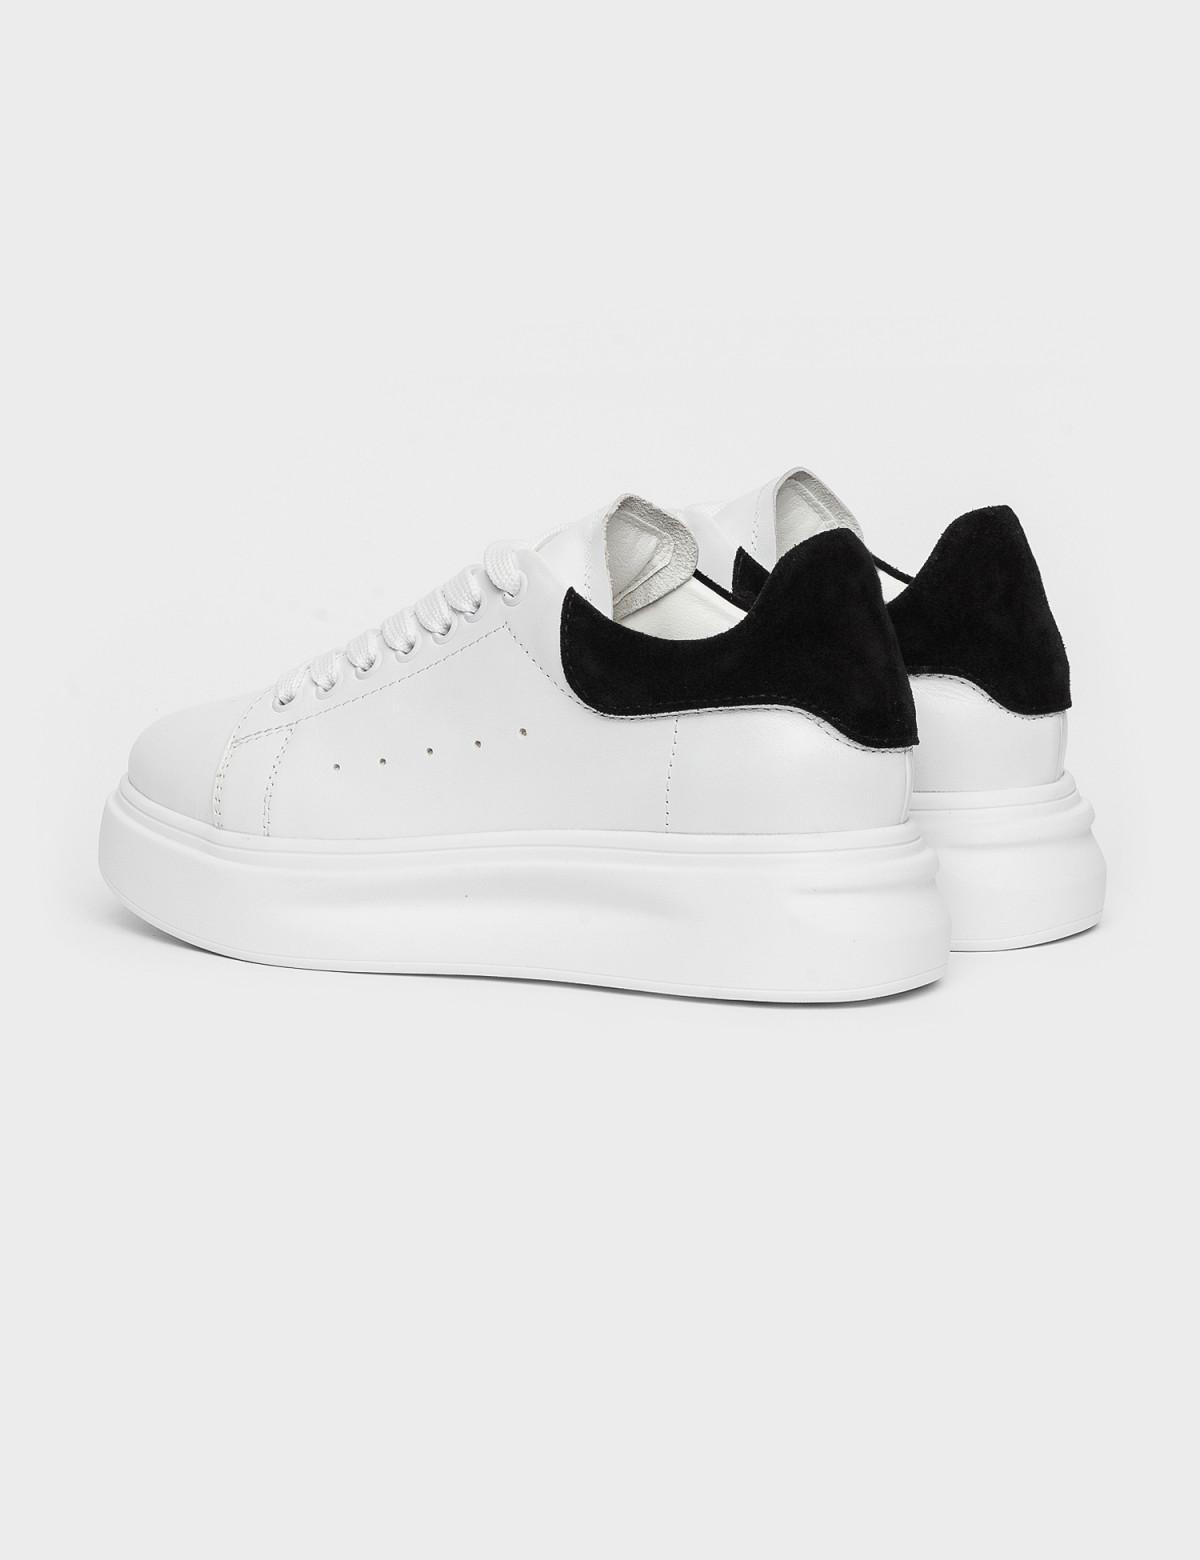 Кросівки білі/чорні. Натуральна шкіра2